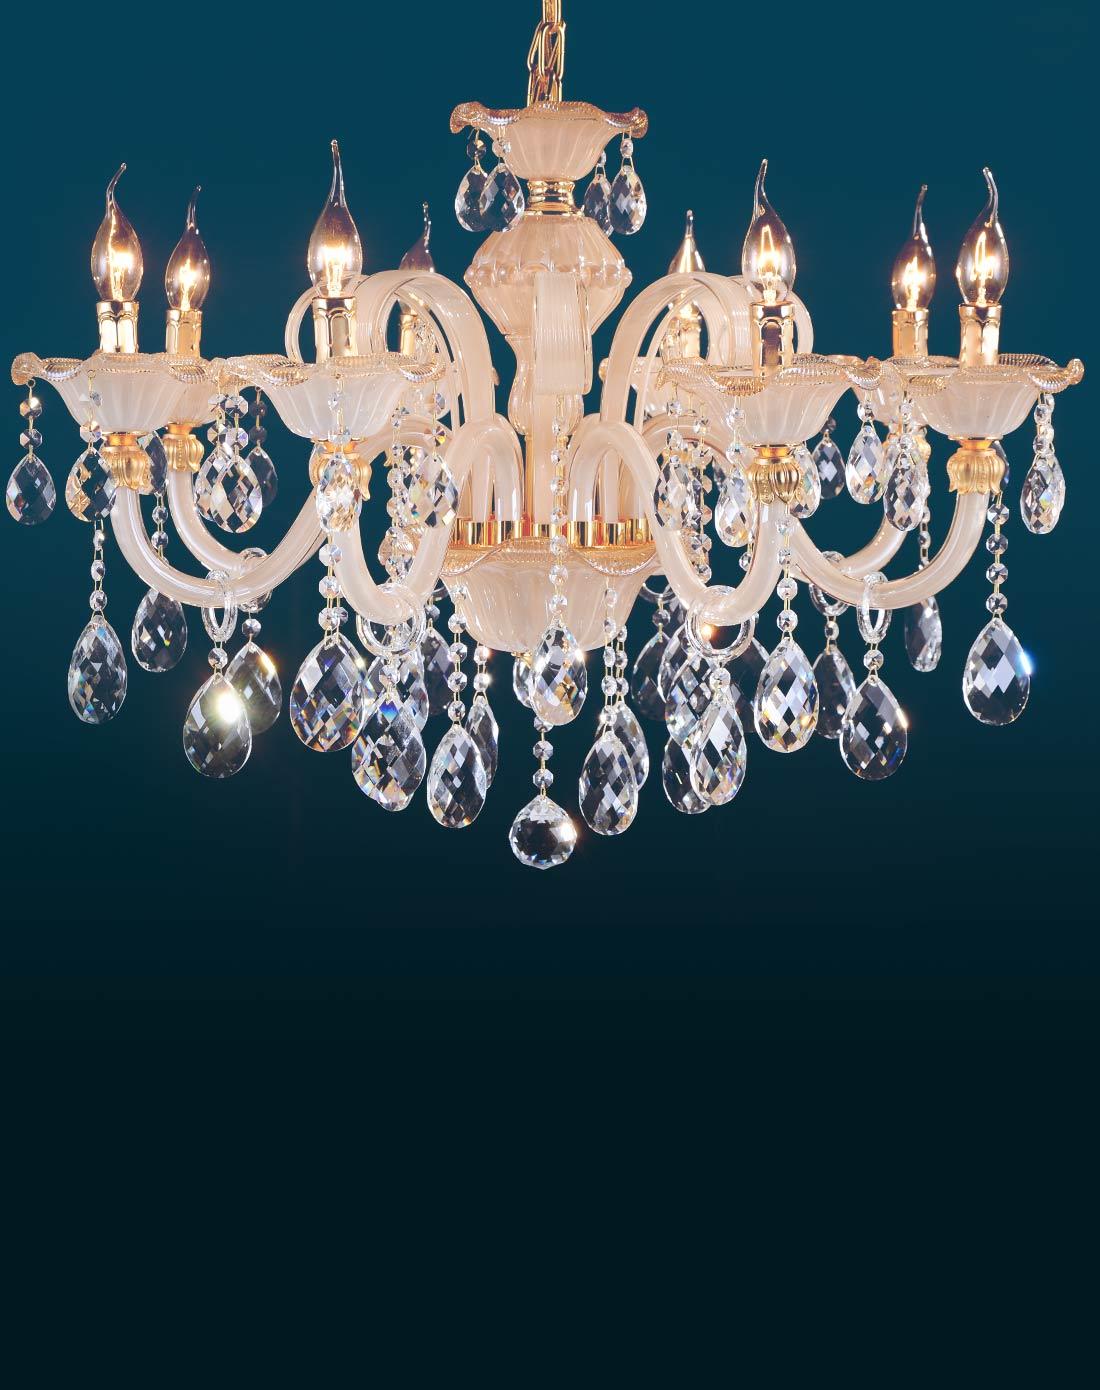 欧塞洛斯osairous灯饰专场欧式水晶10头吊灯 简约水晶